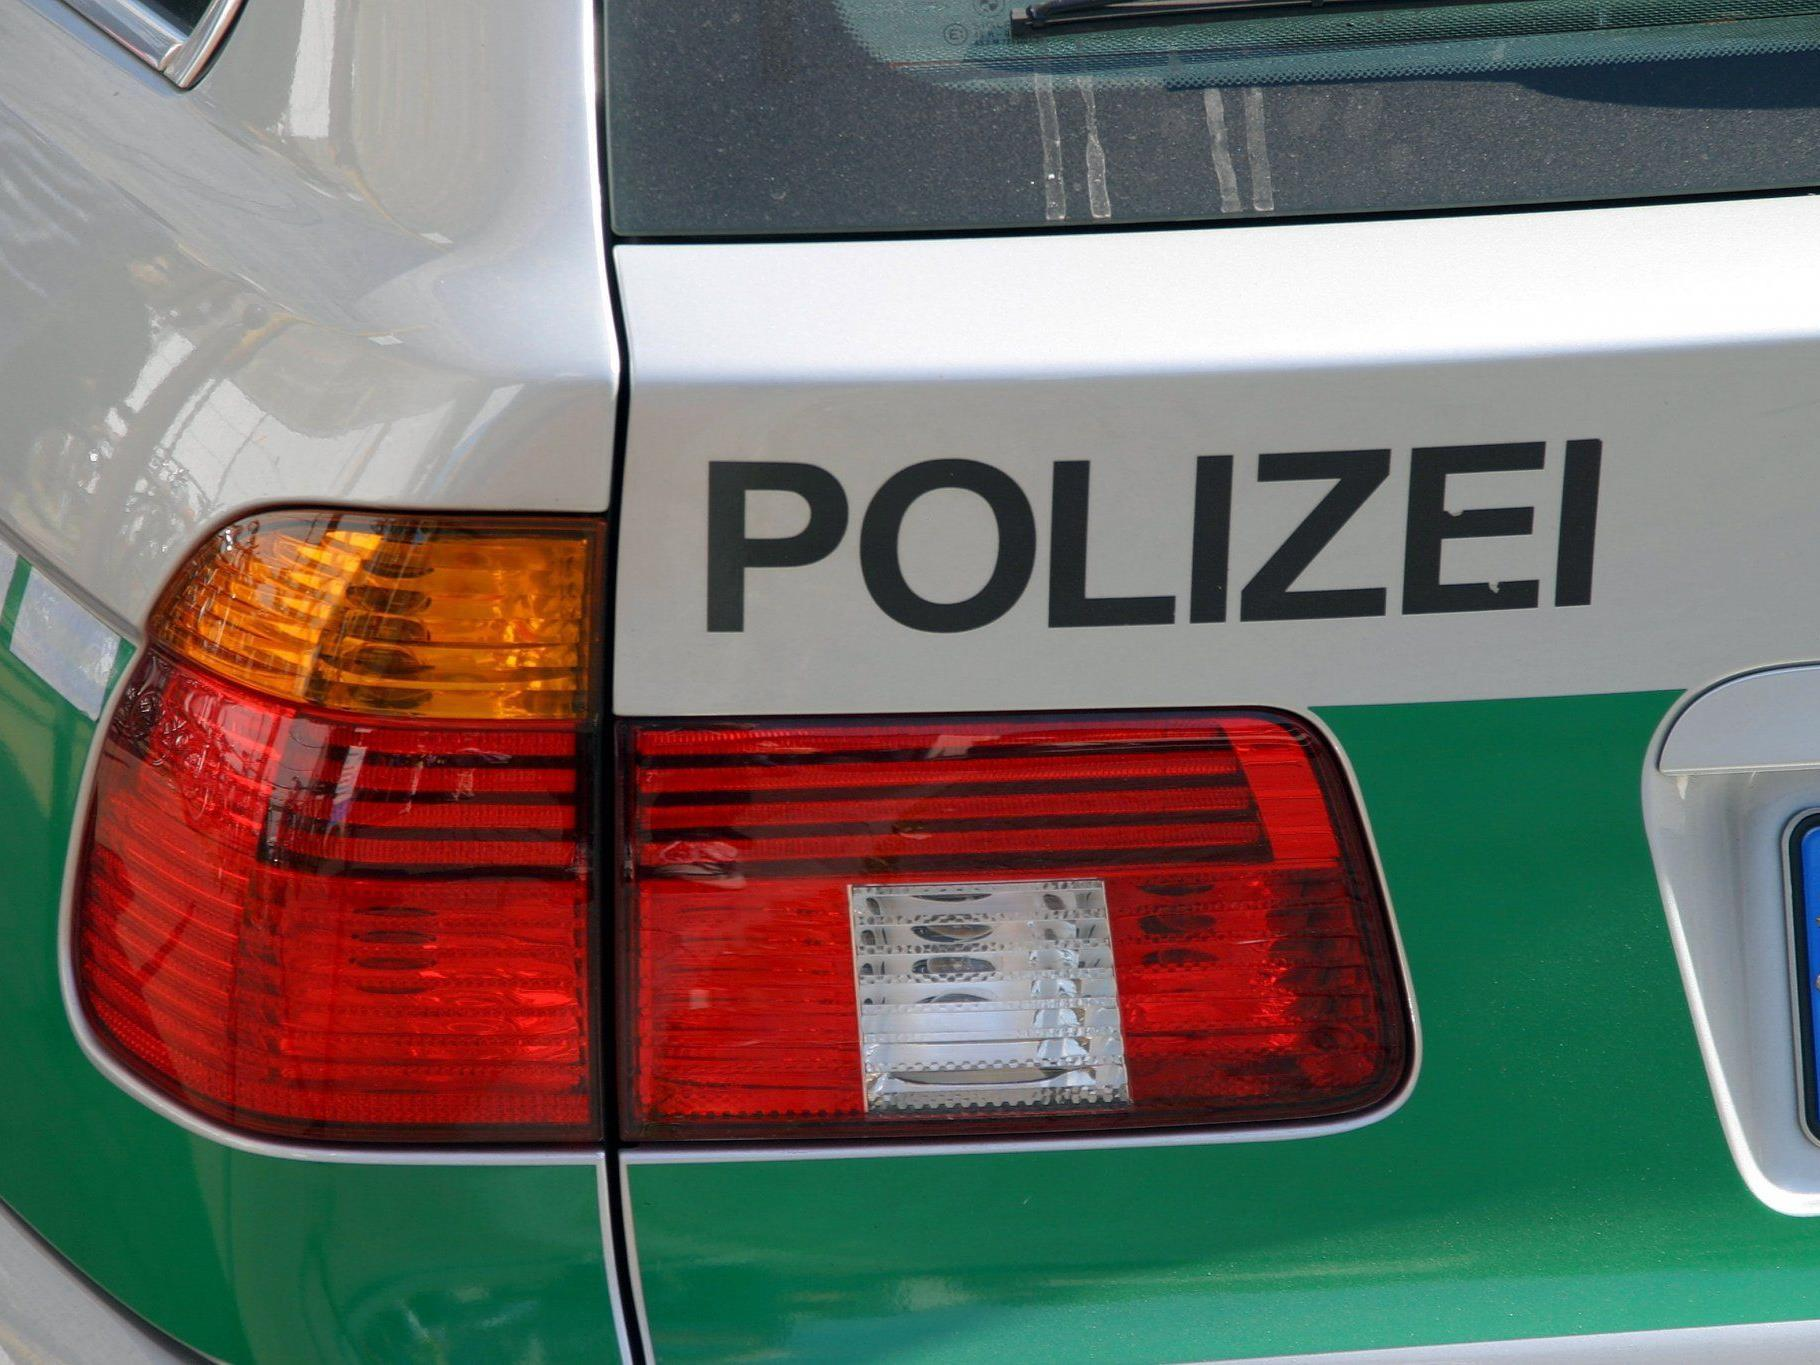 Handgranate in Spielzeugabteilung: Die Polizei musste mit einem Großaufgebot anrücken.